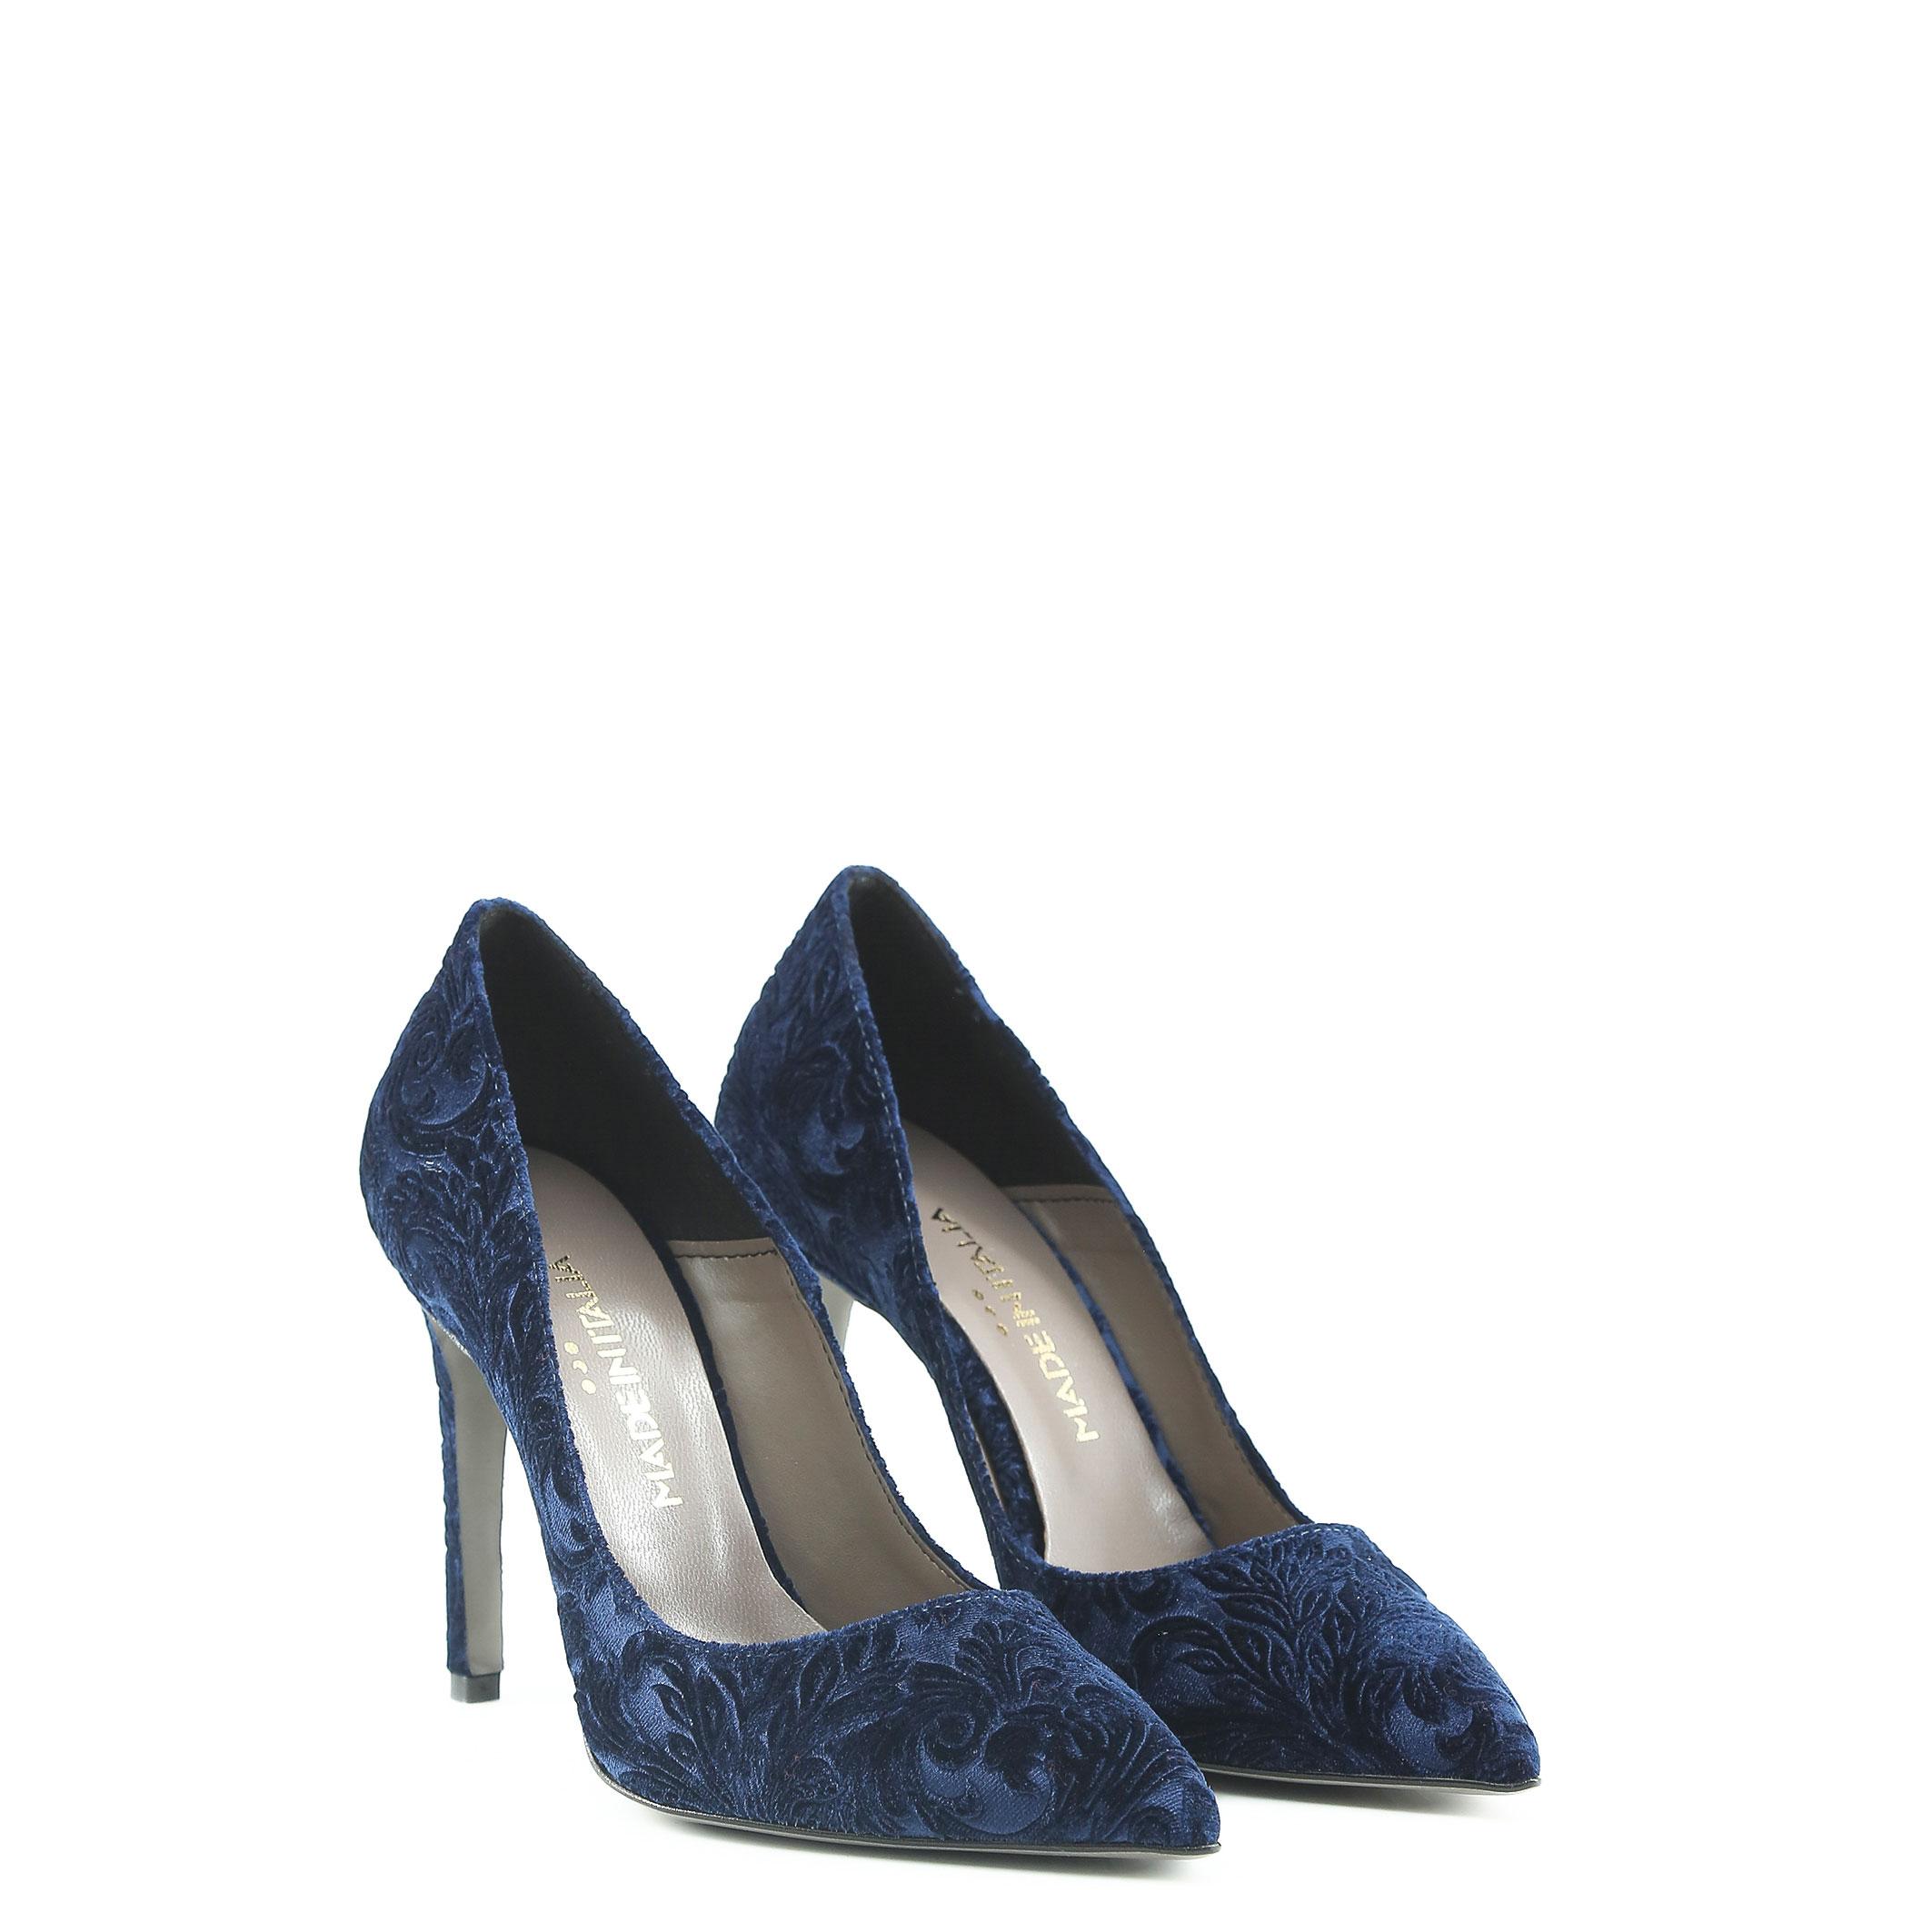 Made in Italia Schwarz/Blau Schuhe CHIARA, Damen High Heels Schwarz/Blau Italia pumps hochzeit 61070d